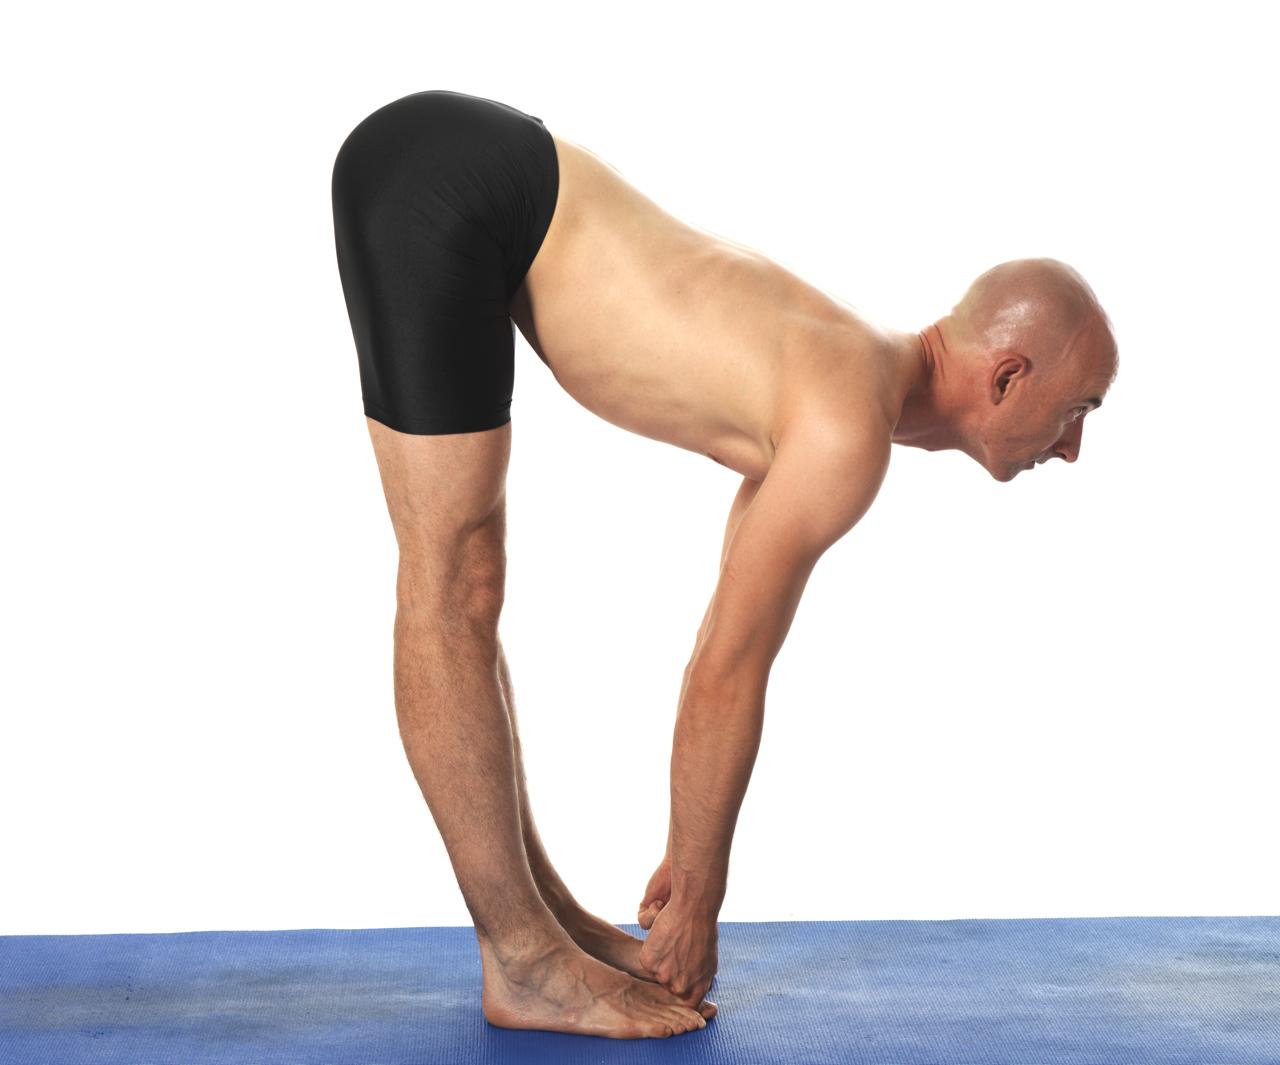 Los dolores en la espalda del riñón o la columna vertebral